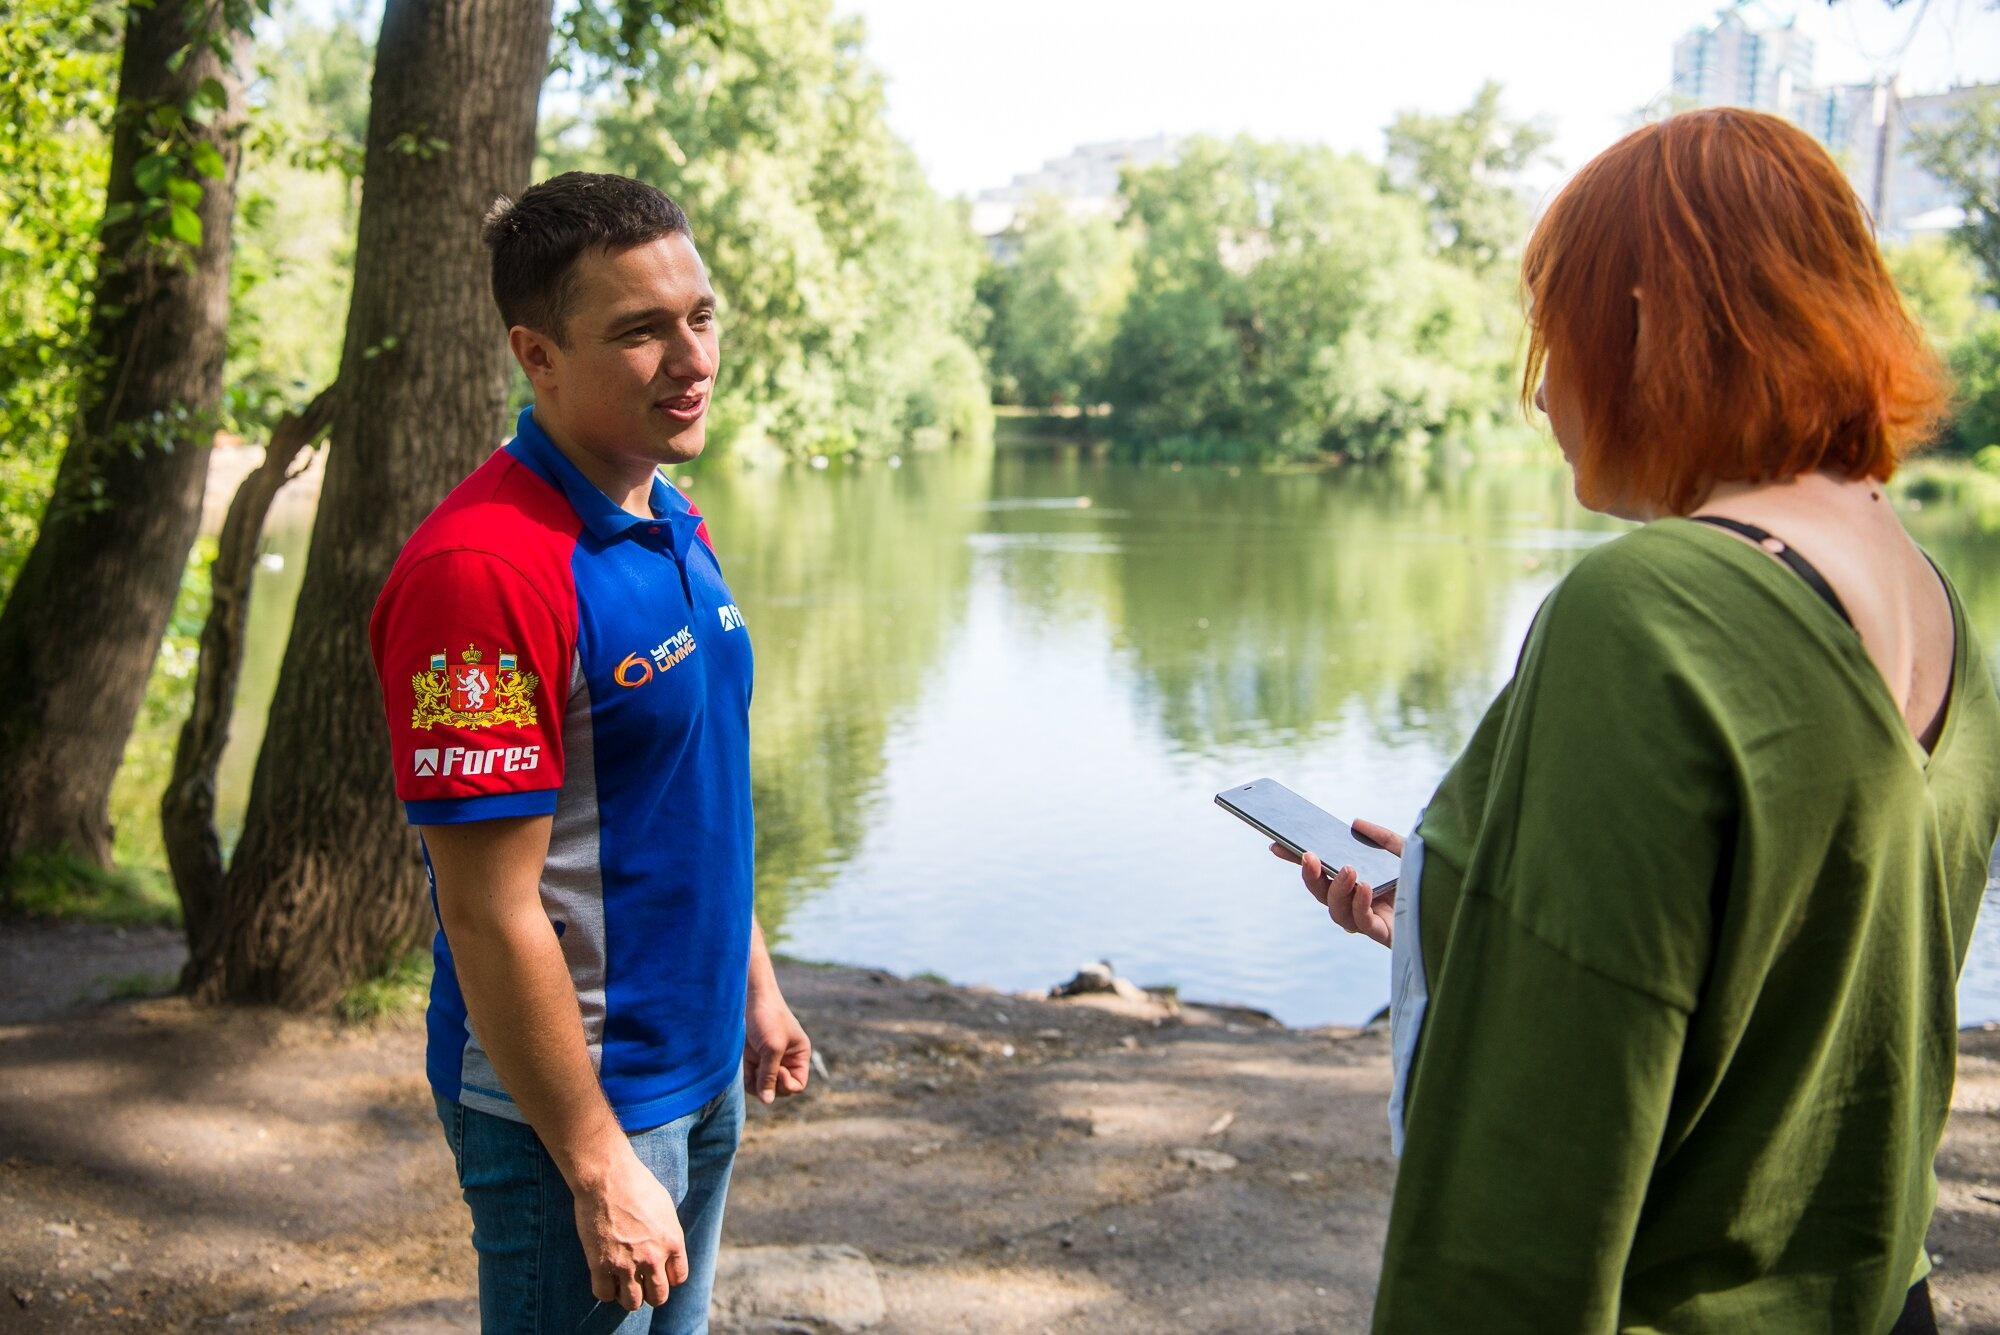 На тренировки Карякина-авиамоделиста в Харитоновском парке приходили посмотреть местные жители